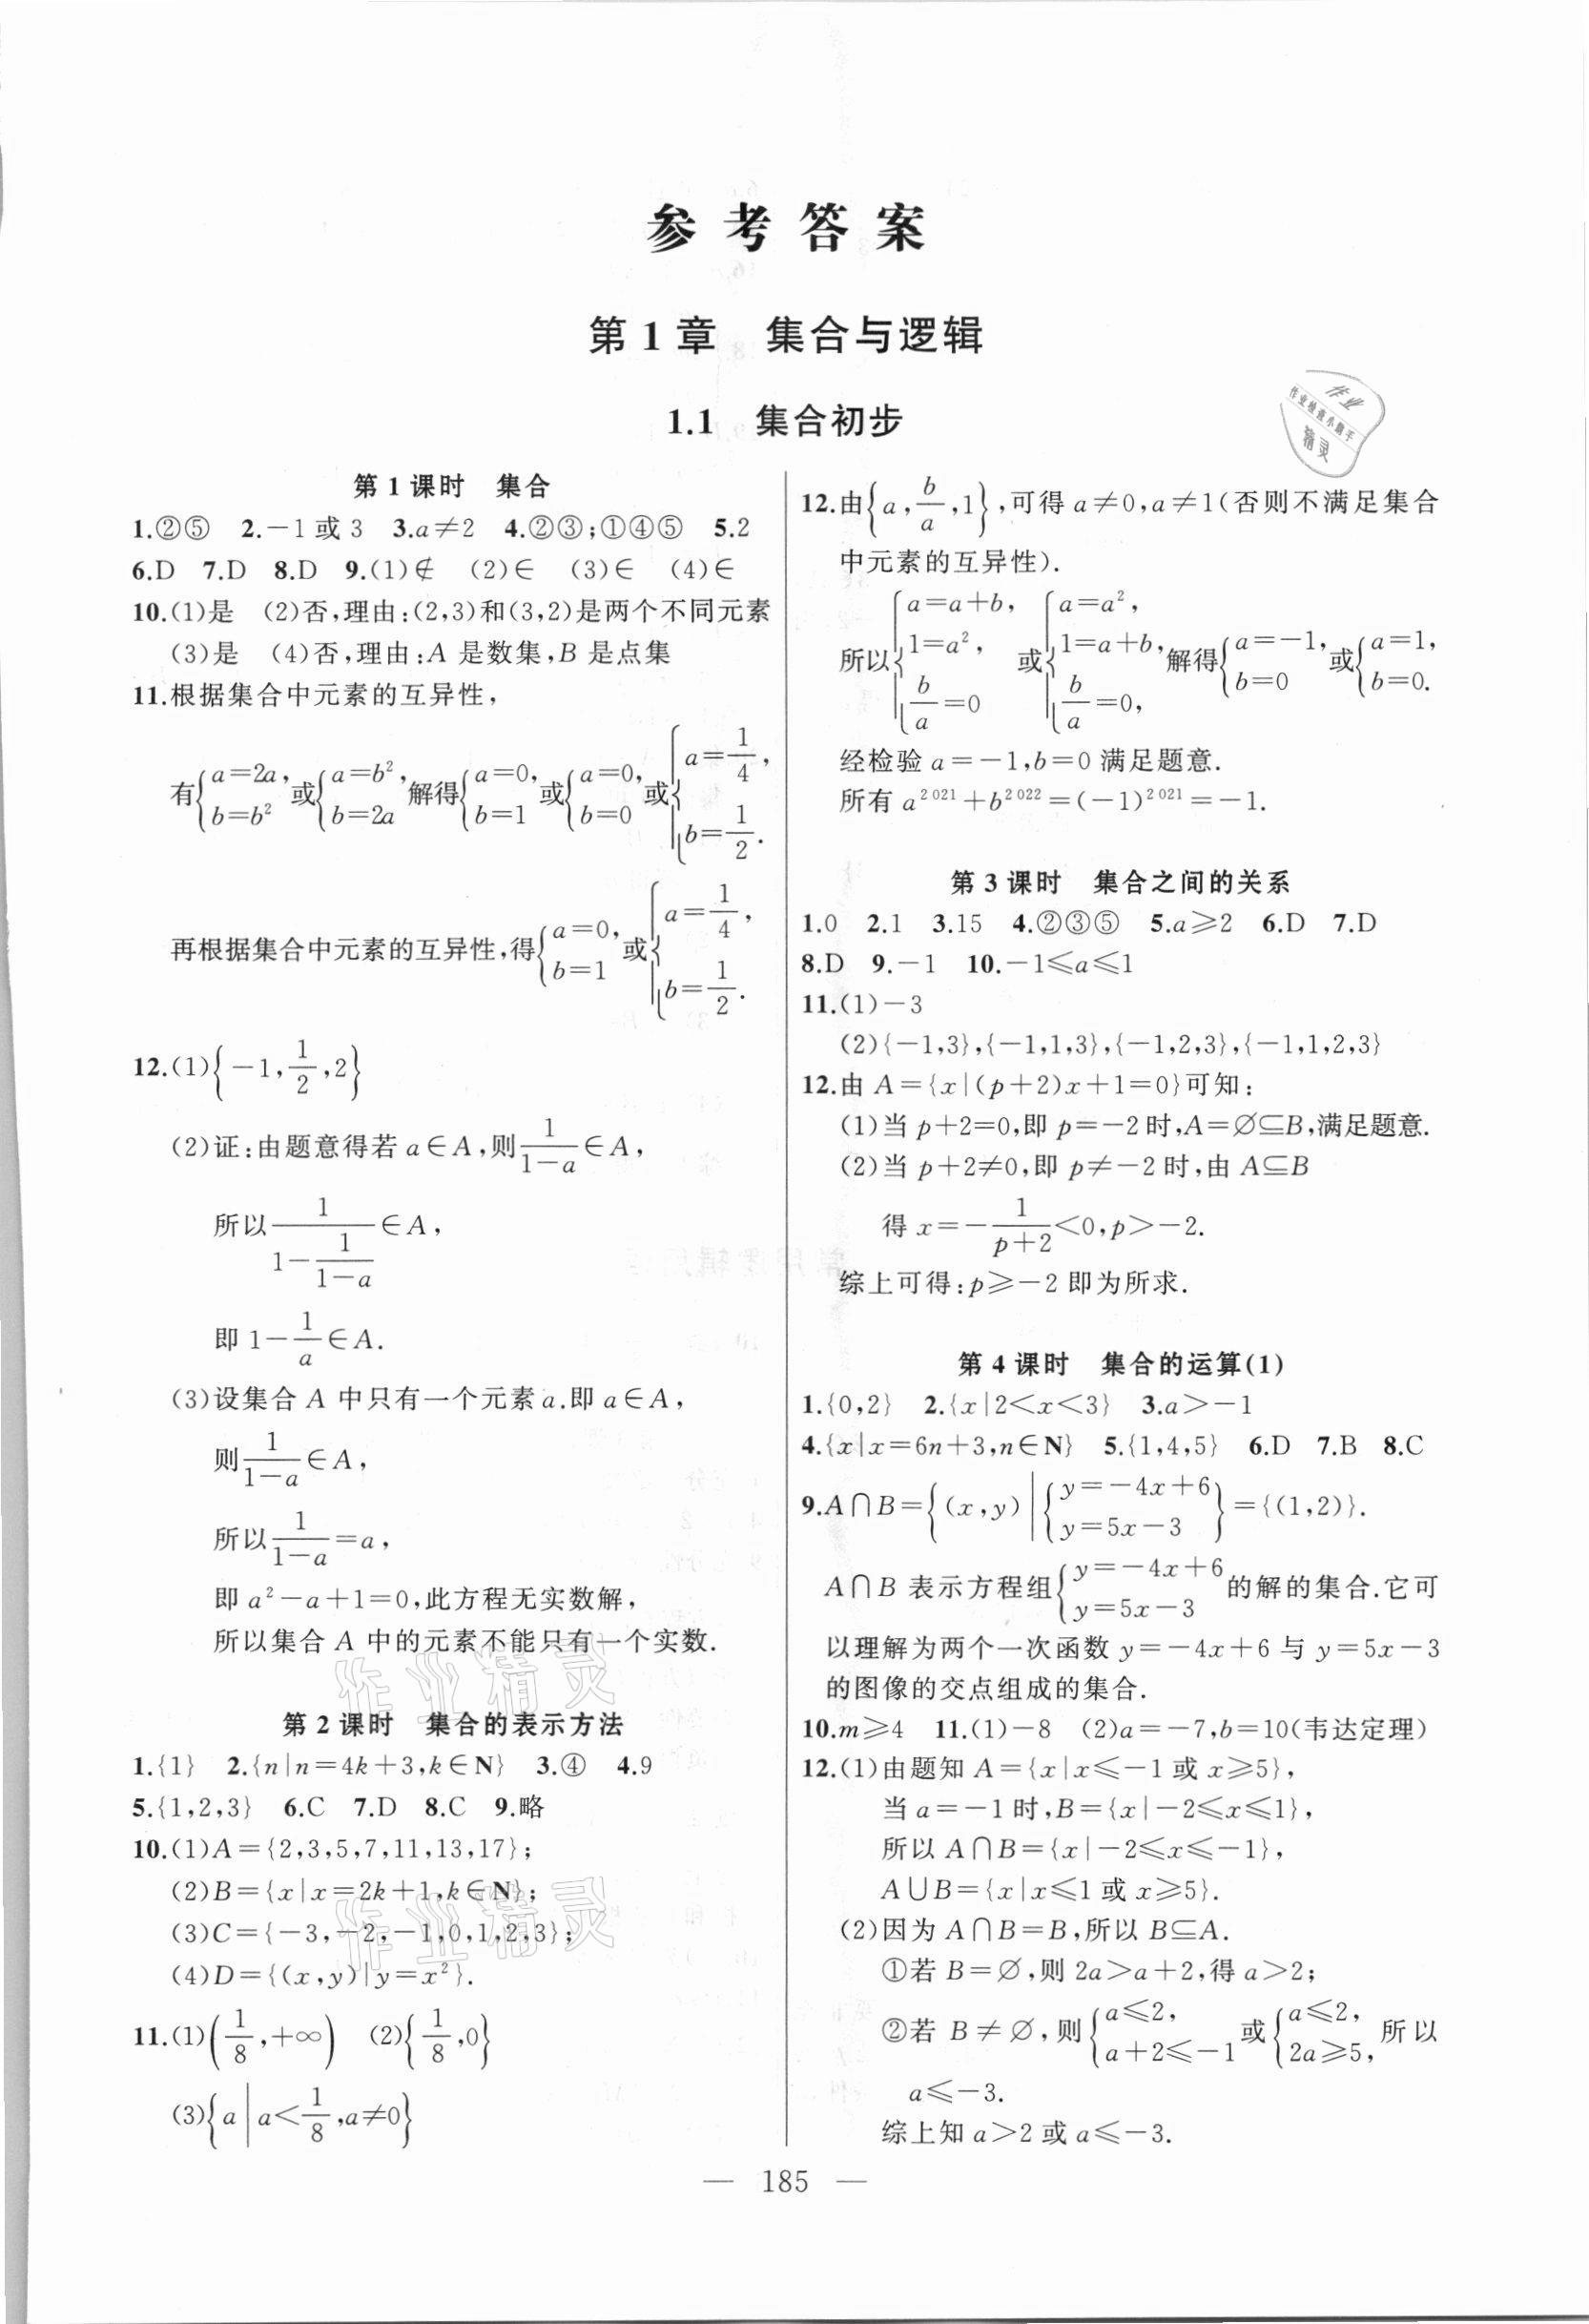 2021年导学先锋高中数学课课精练必修第一册第1页